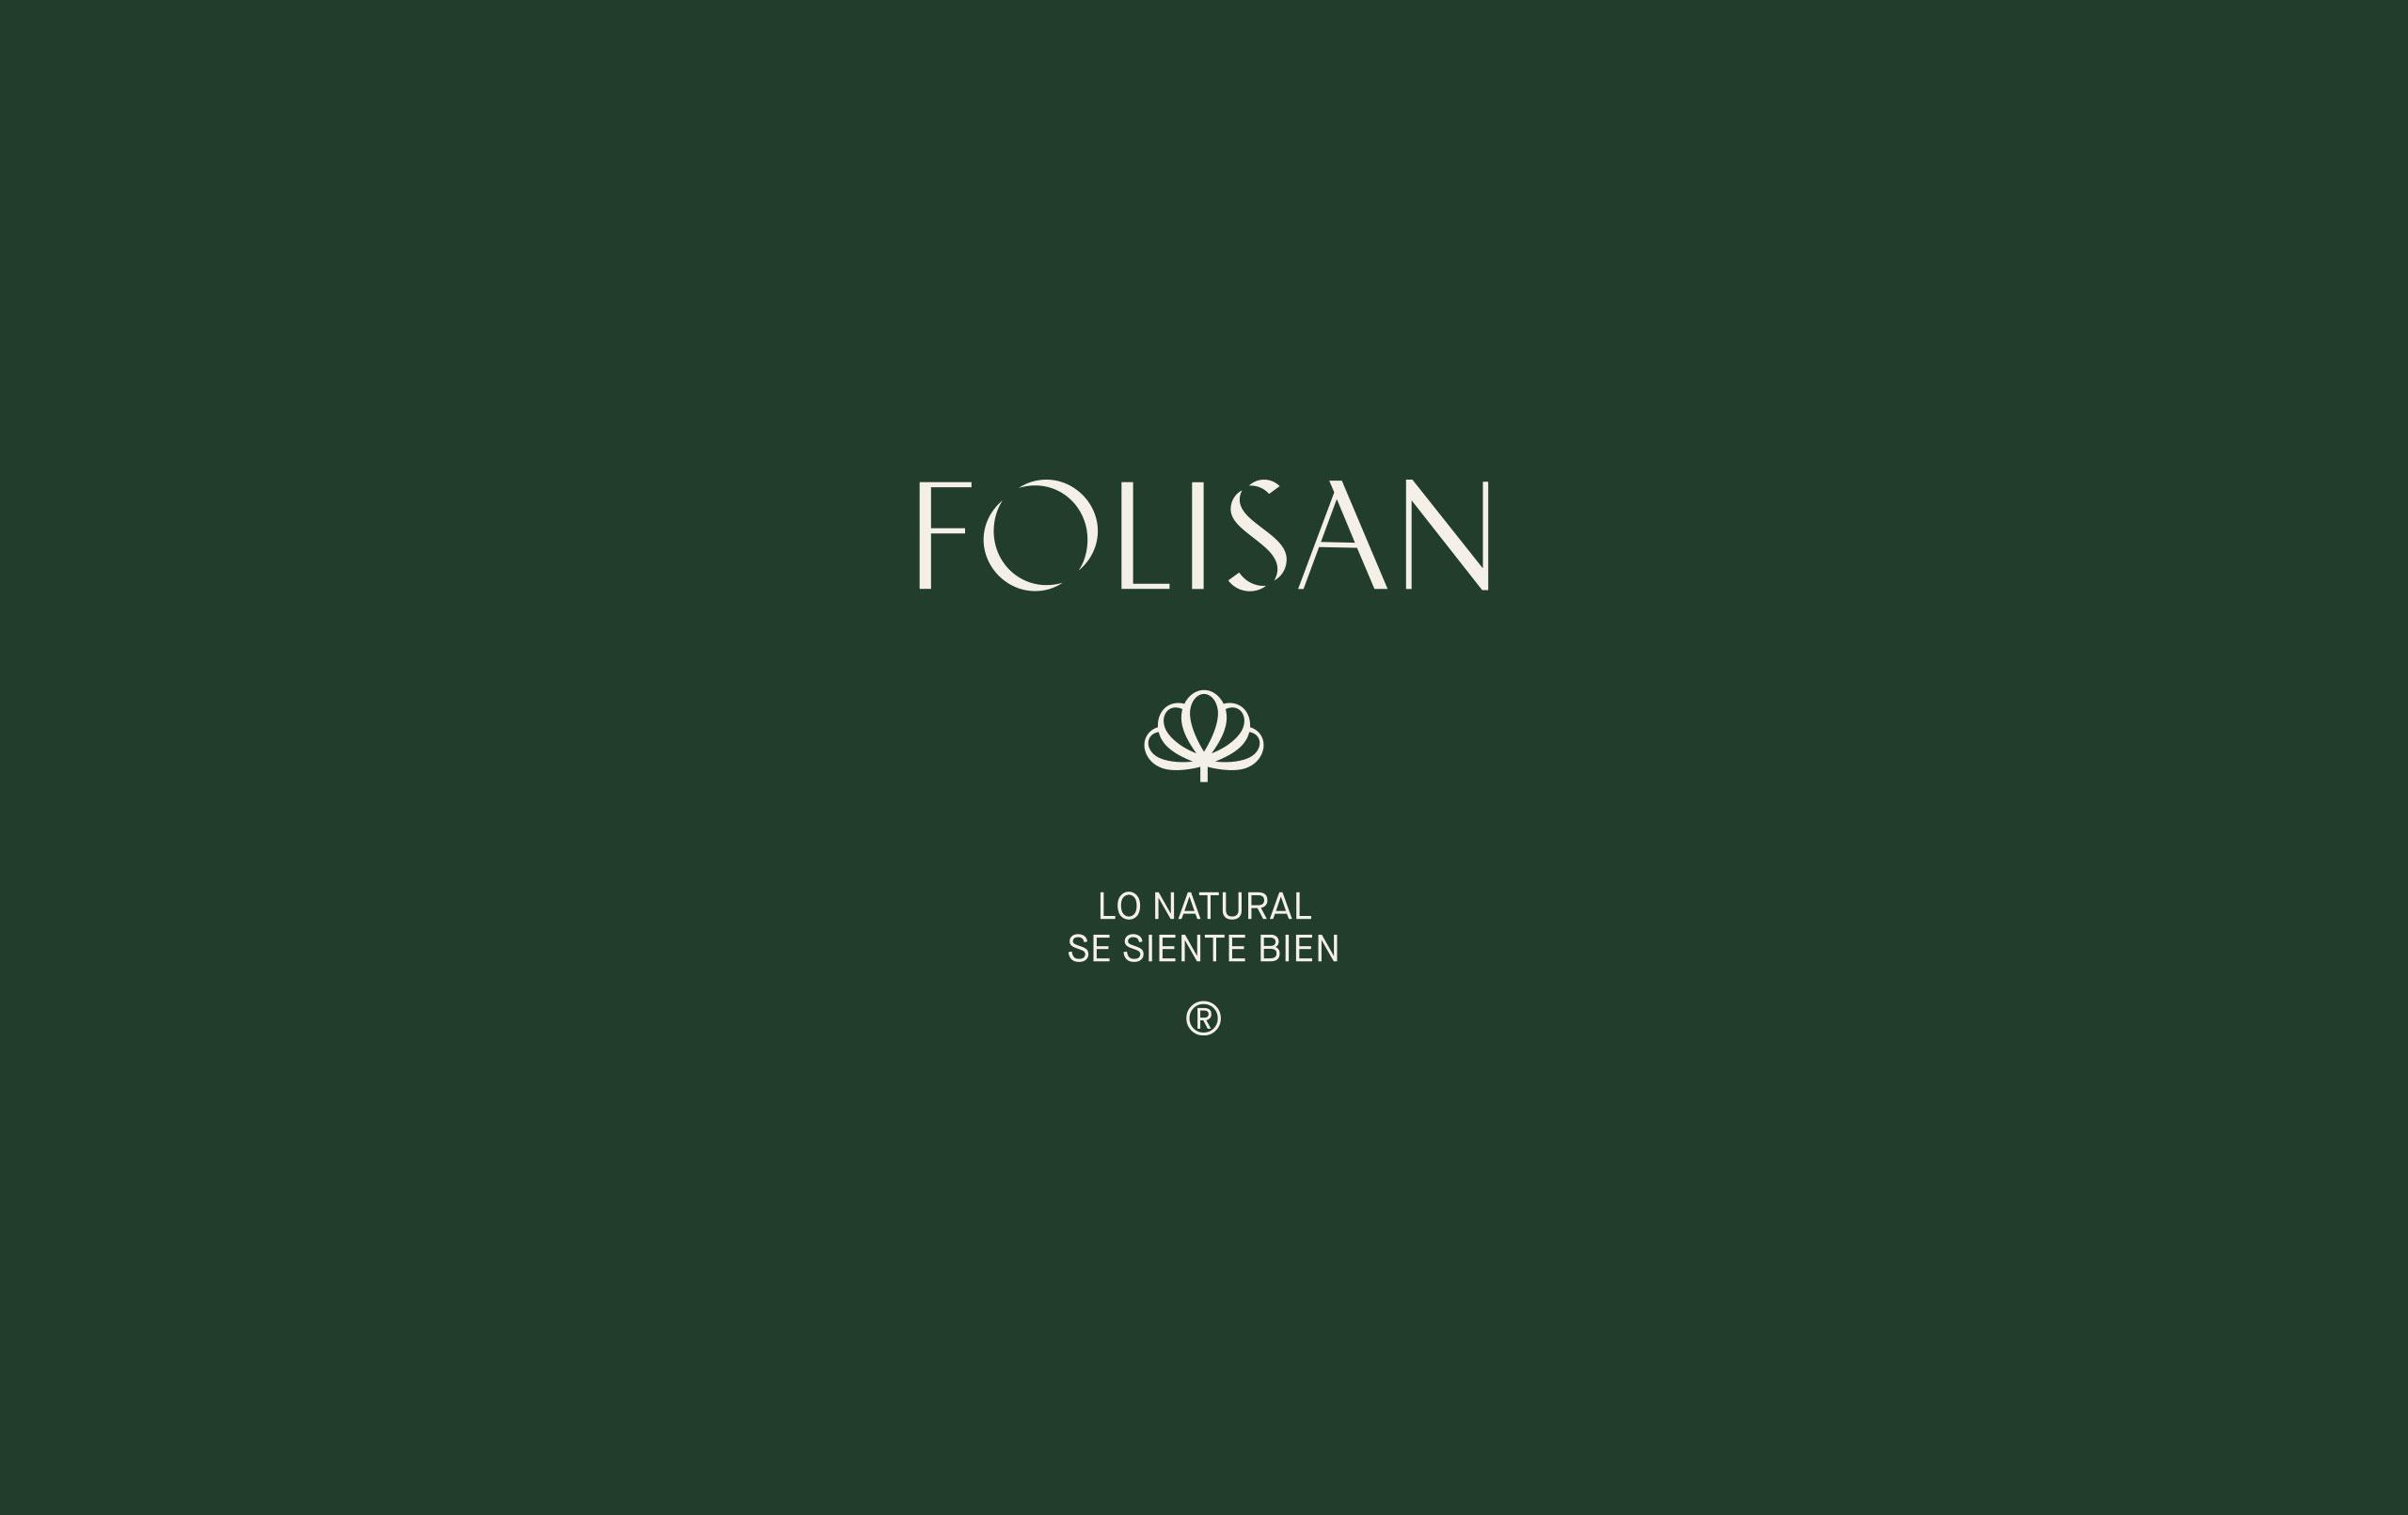 Folisan-Portafolio-27